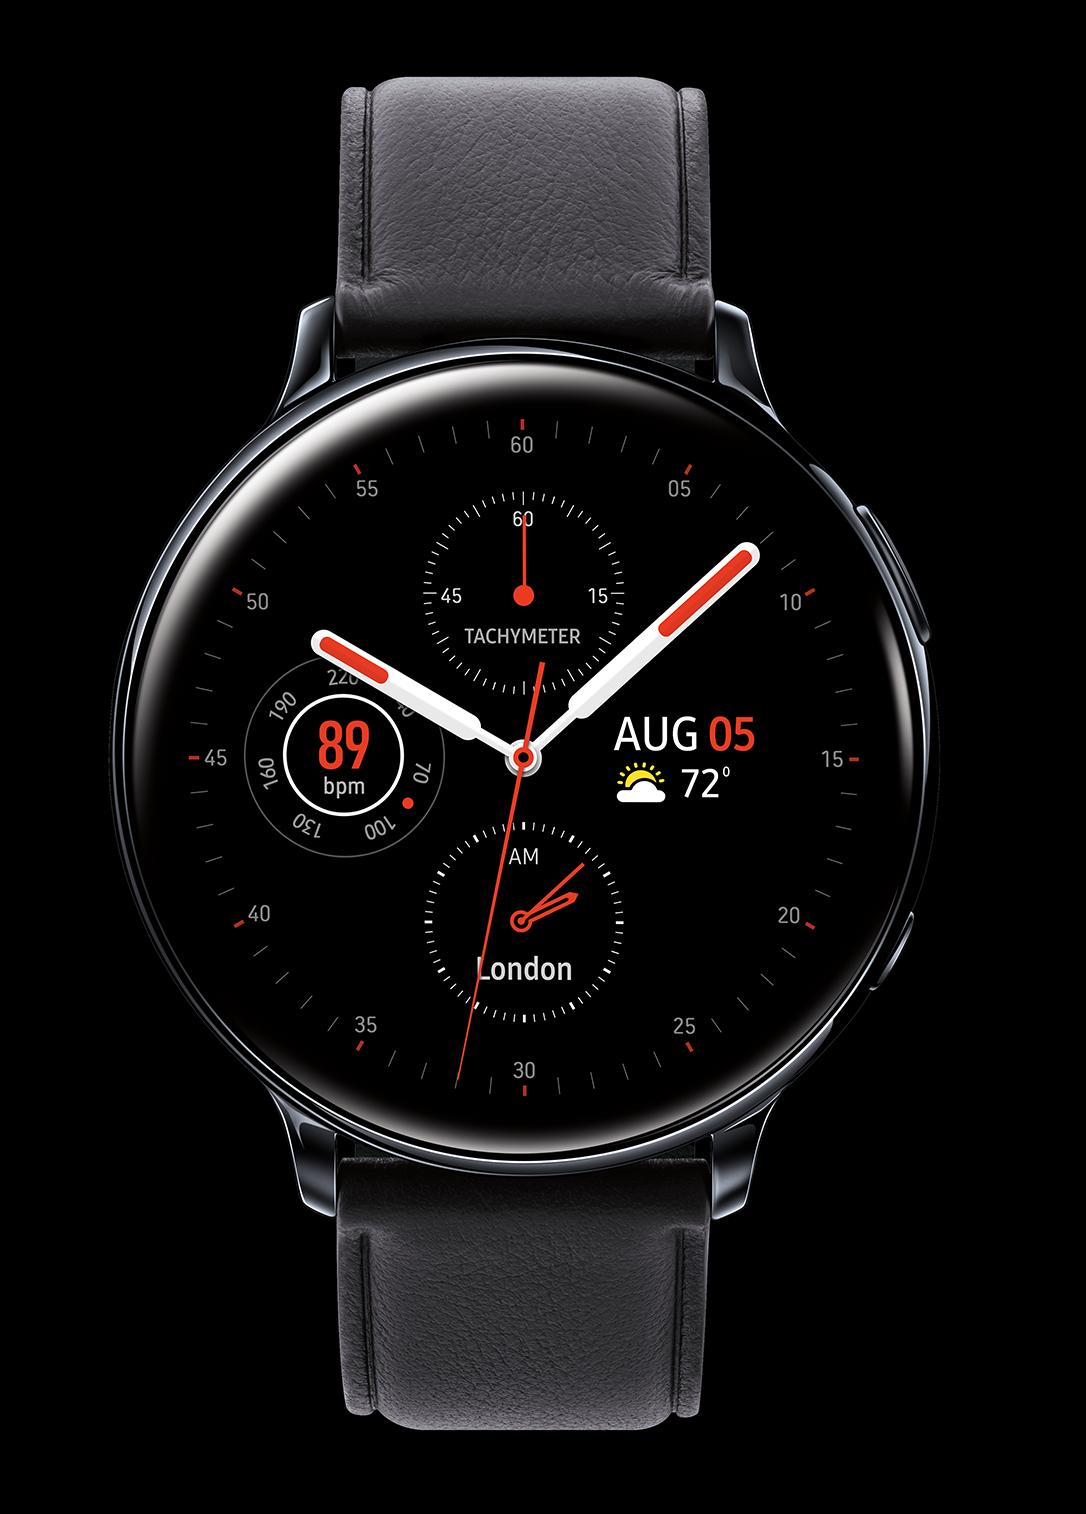 RE3LSzc?ver=d920 - Samsung Galaxy Watch Active2 LTE 44mm Black